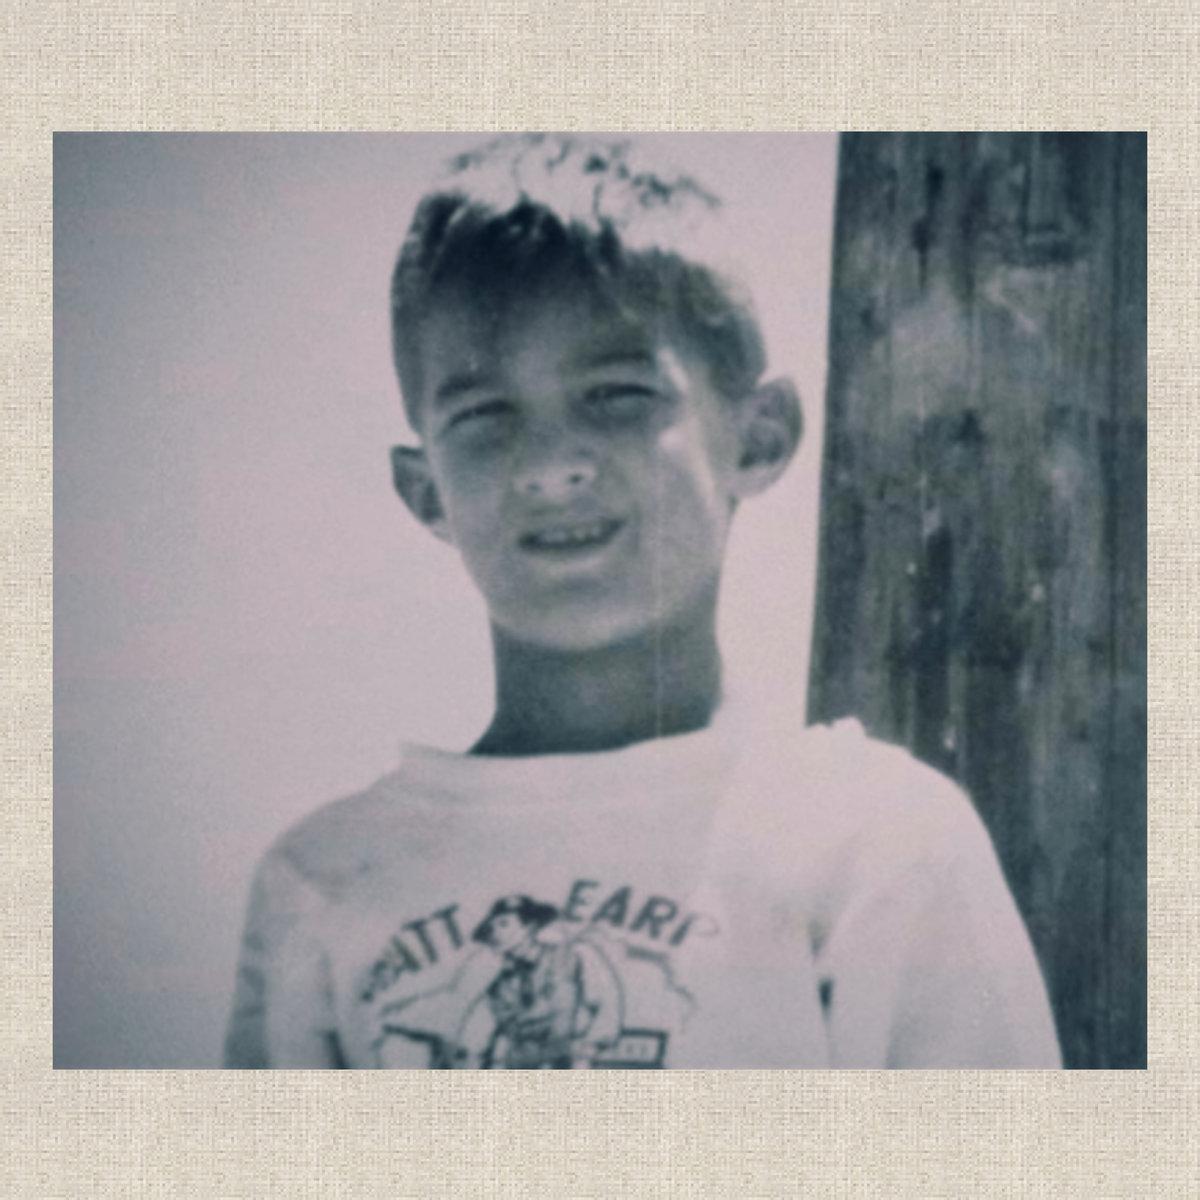 Молодой Стивен Сигал: как выглядел в детстве на фото